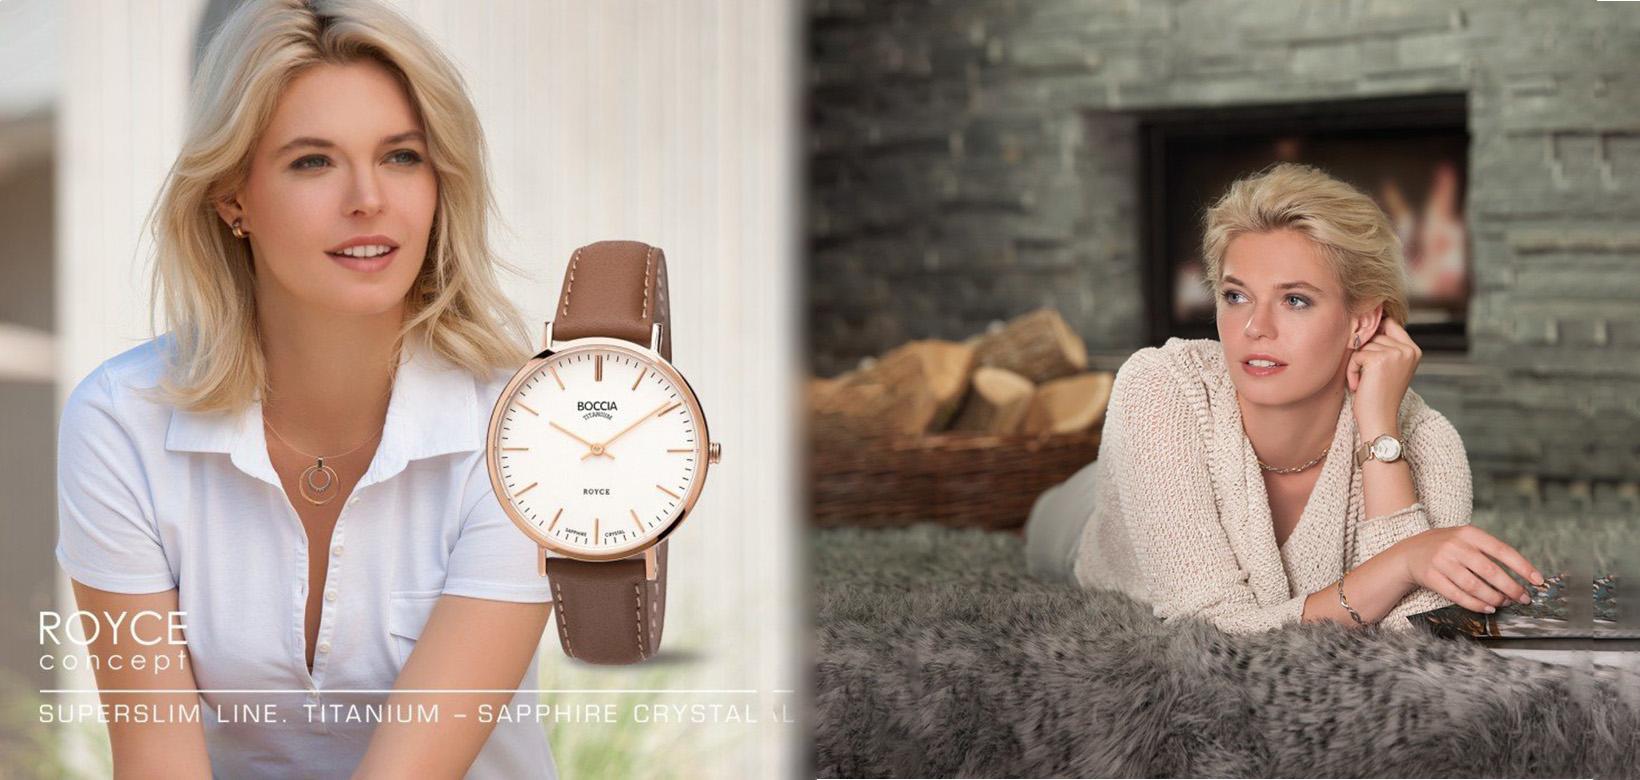 Boccia Uhren bei Juwelier Istanbul in Mönchengladbach kaufen